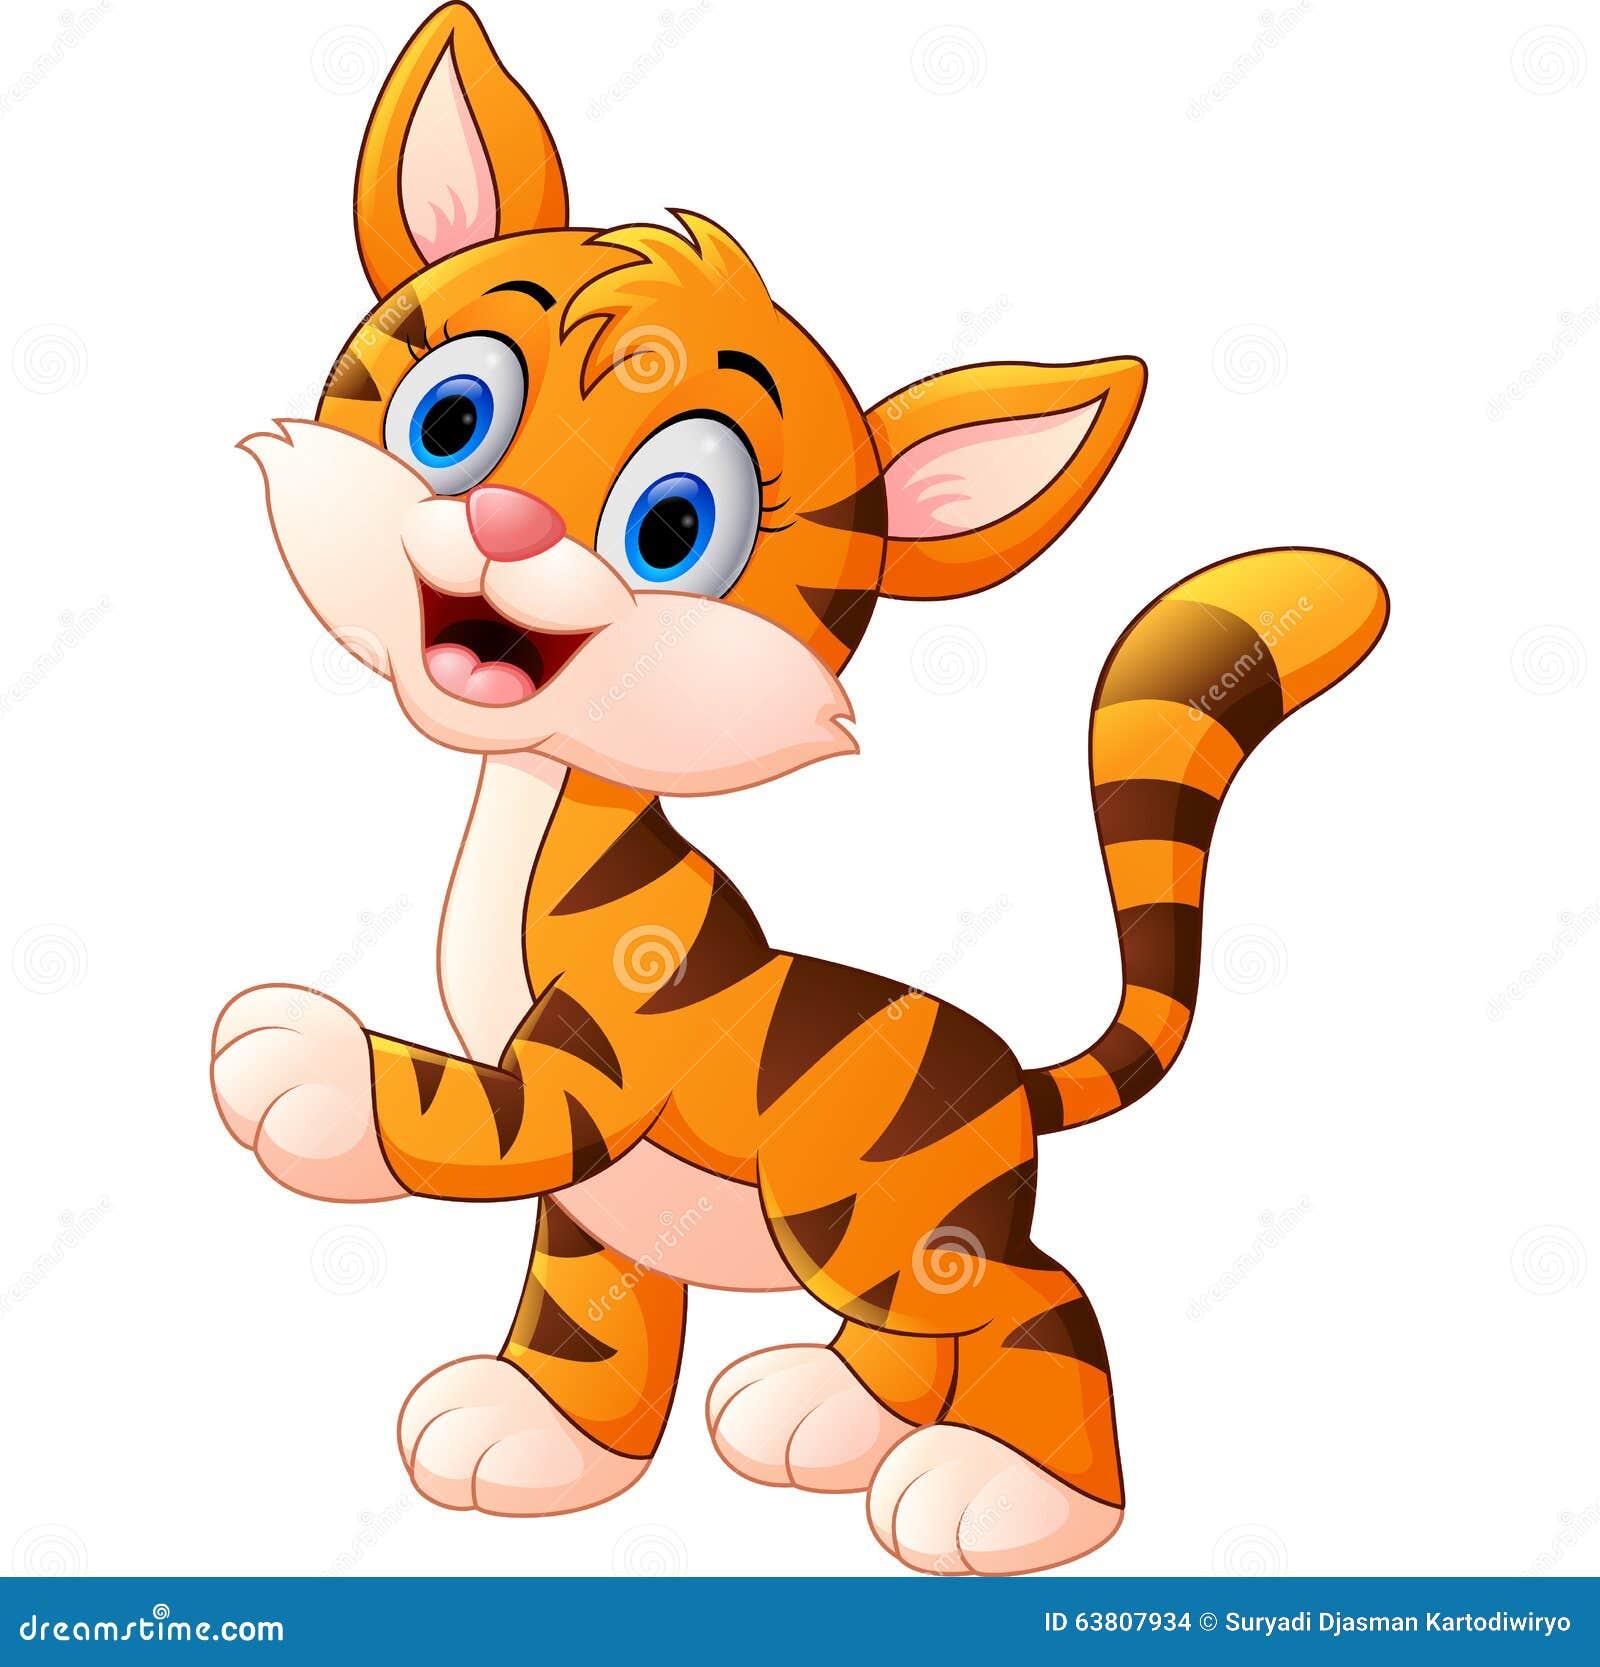 Cartoon Cute Tiger Stock Vector Illustration Of Illustration 63807934